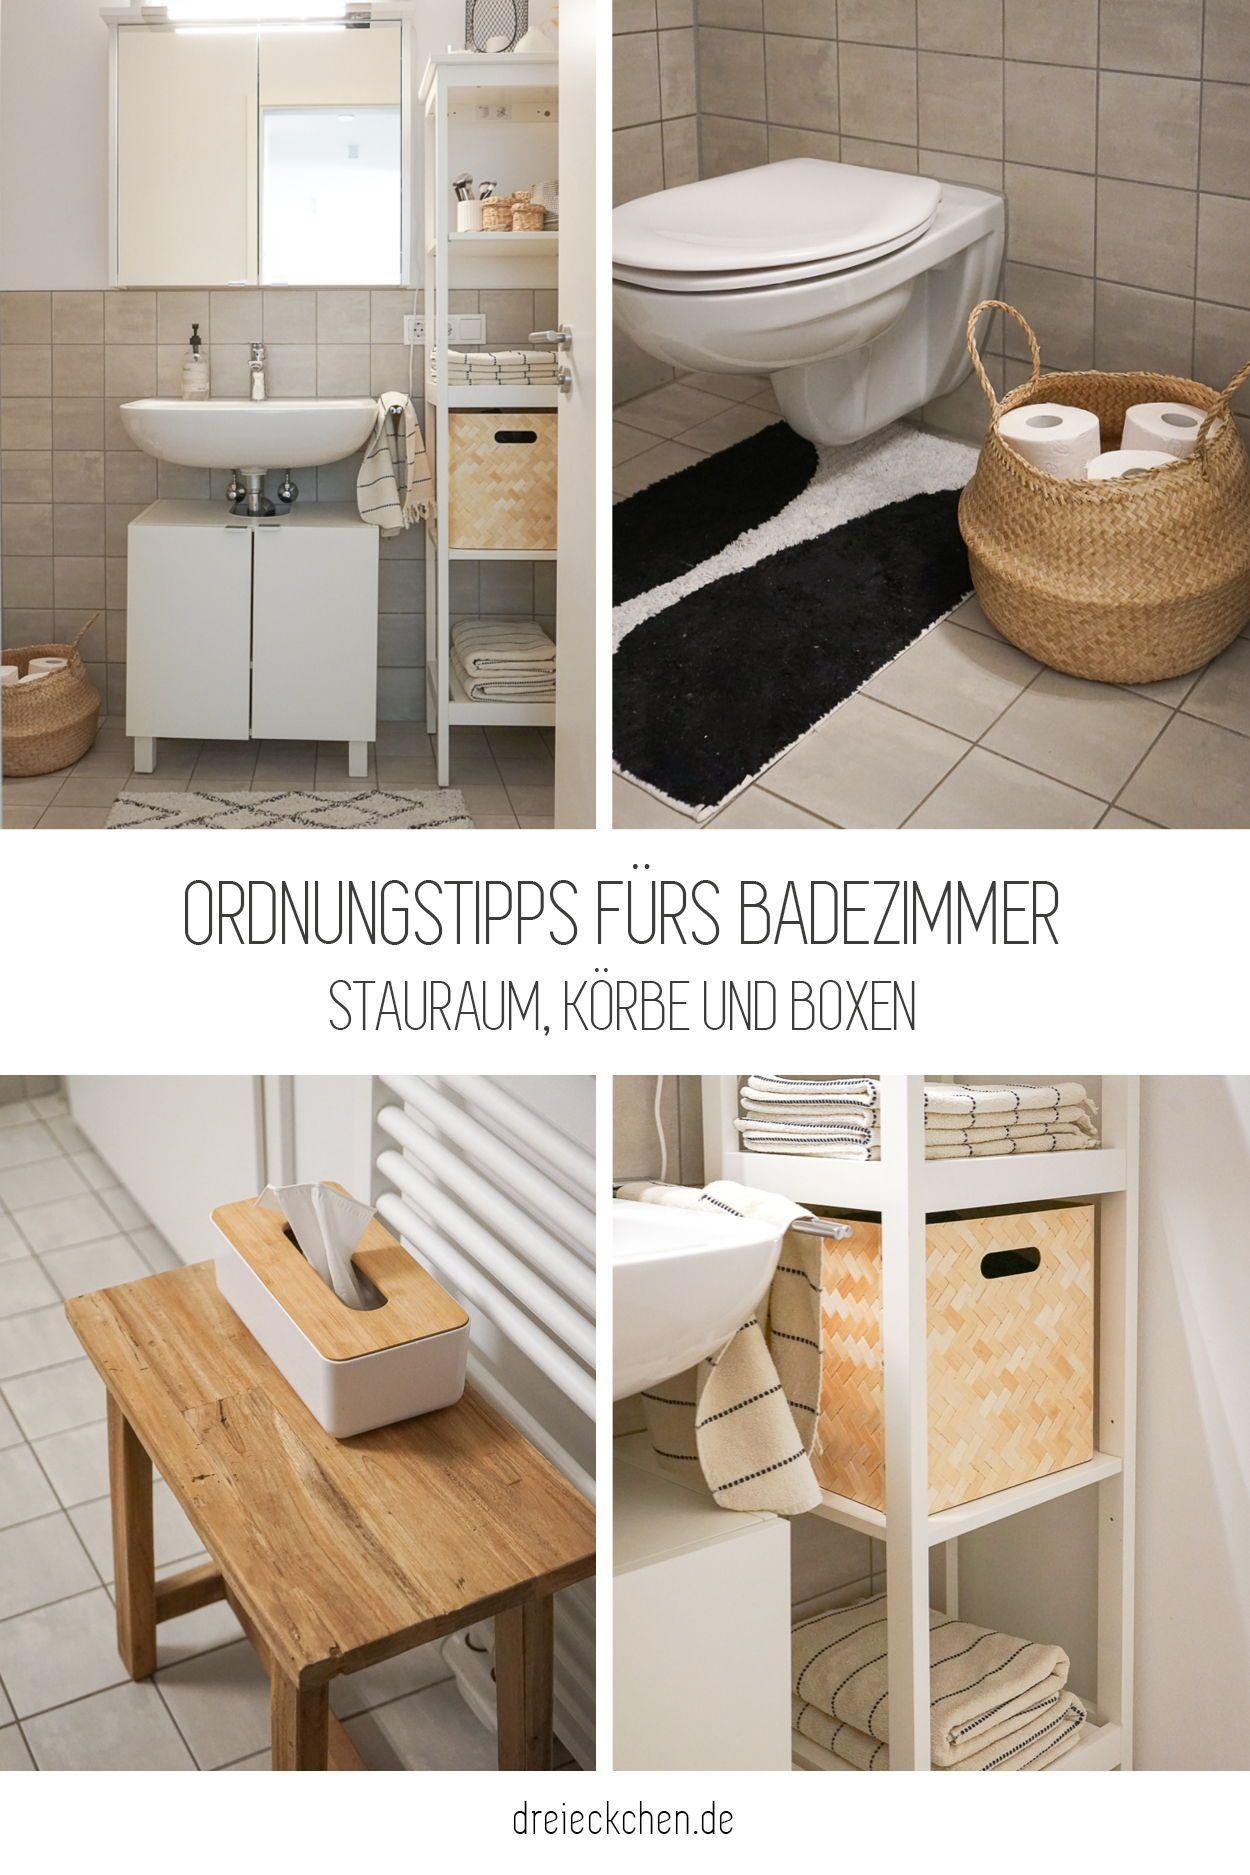 Badezimmer Ordnungstipps In 2020 Schone Badezimmer Badezimmer Badezimmer Design